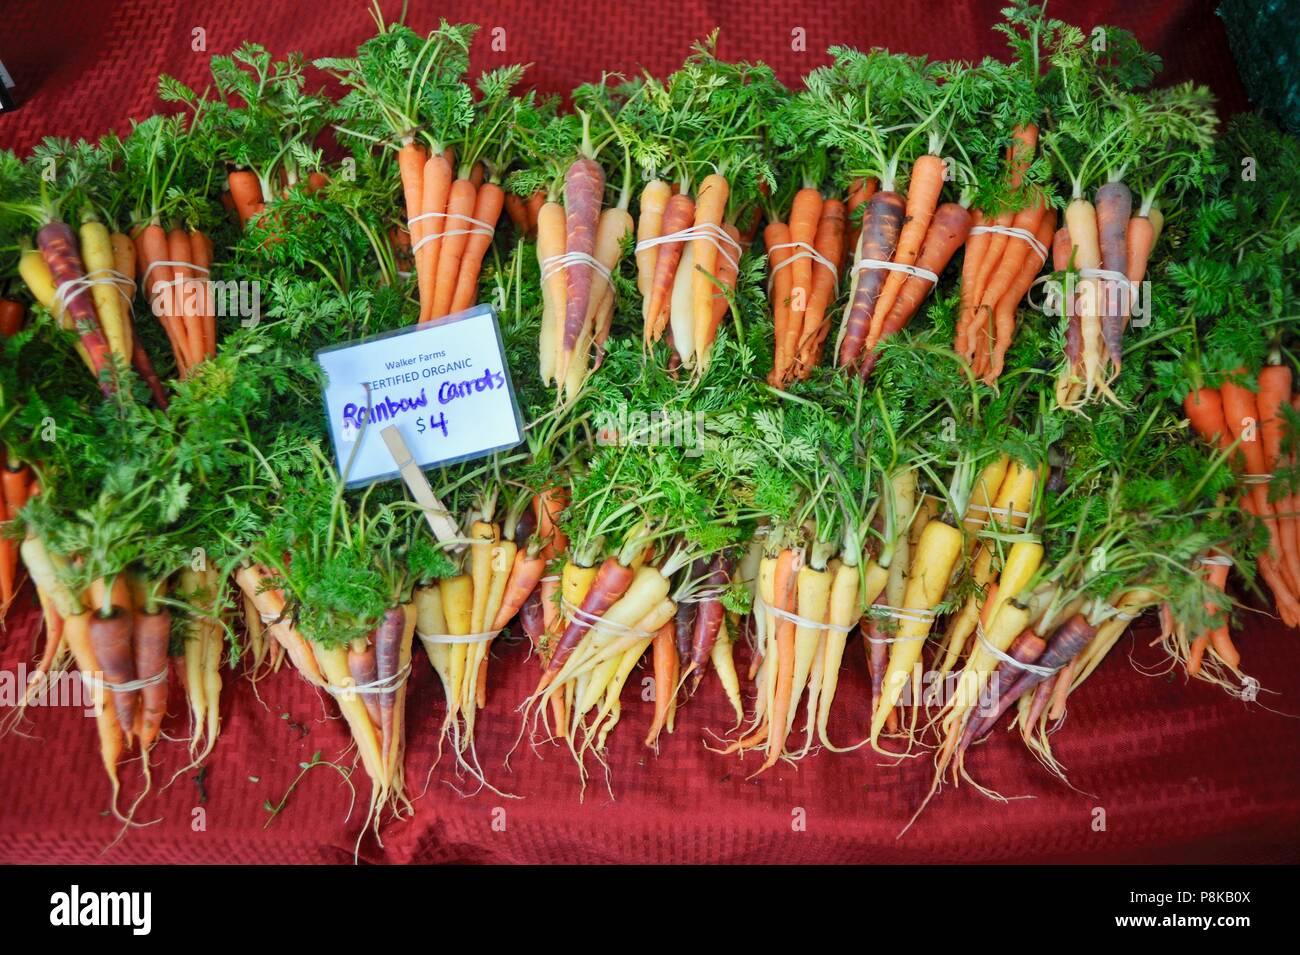 Tidy paquetes de zanahorias (arco iris) en el multicolor Walker farmstand granjas para la venta en el mercado de los granjeros en Savannah, Georgia, EE.UU. Foto de stock